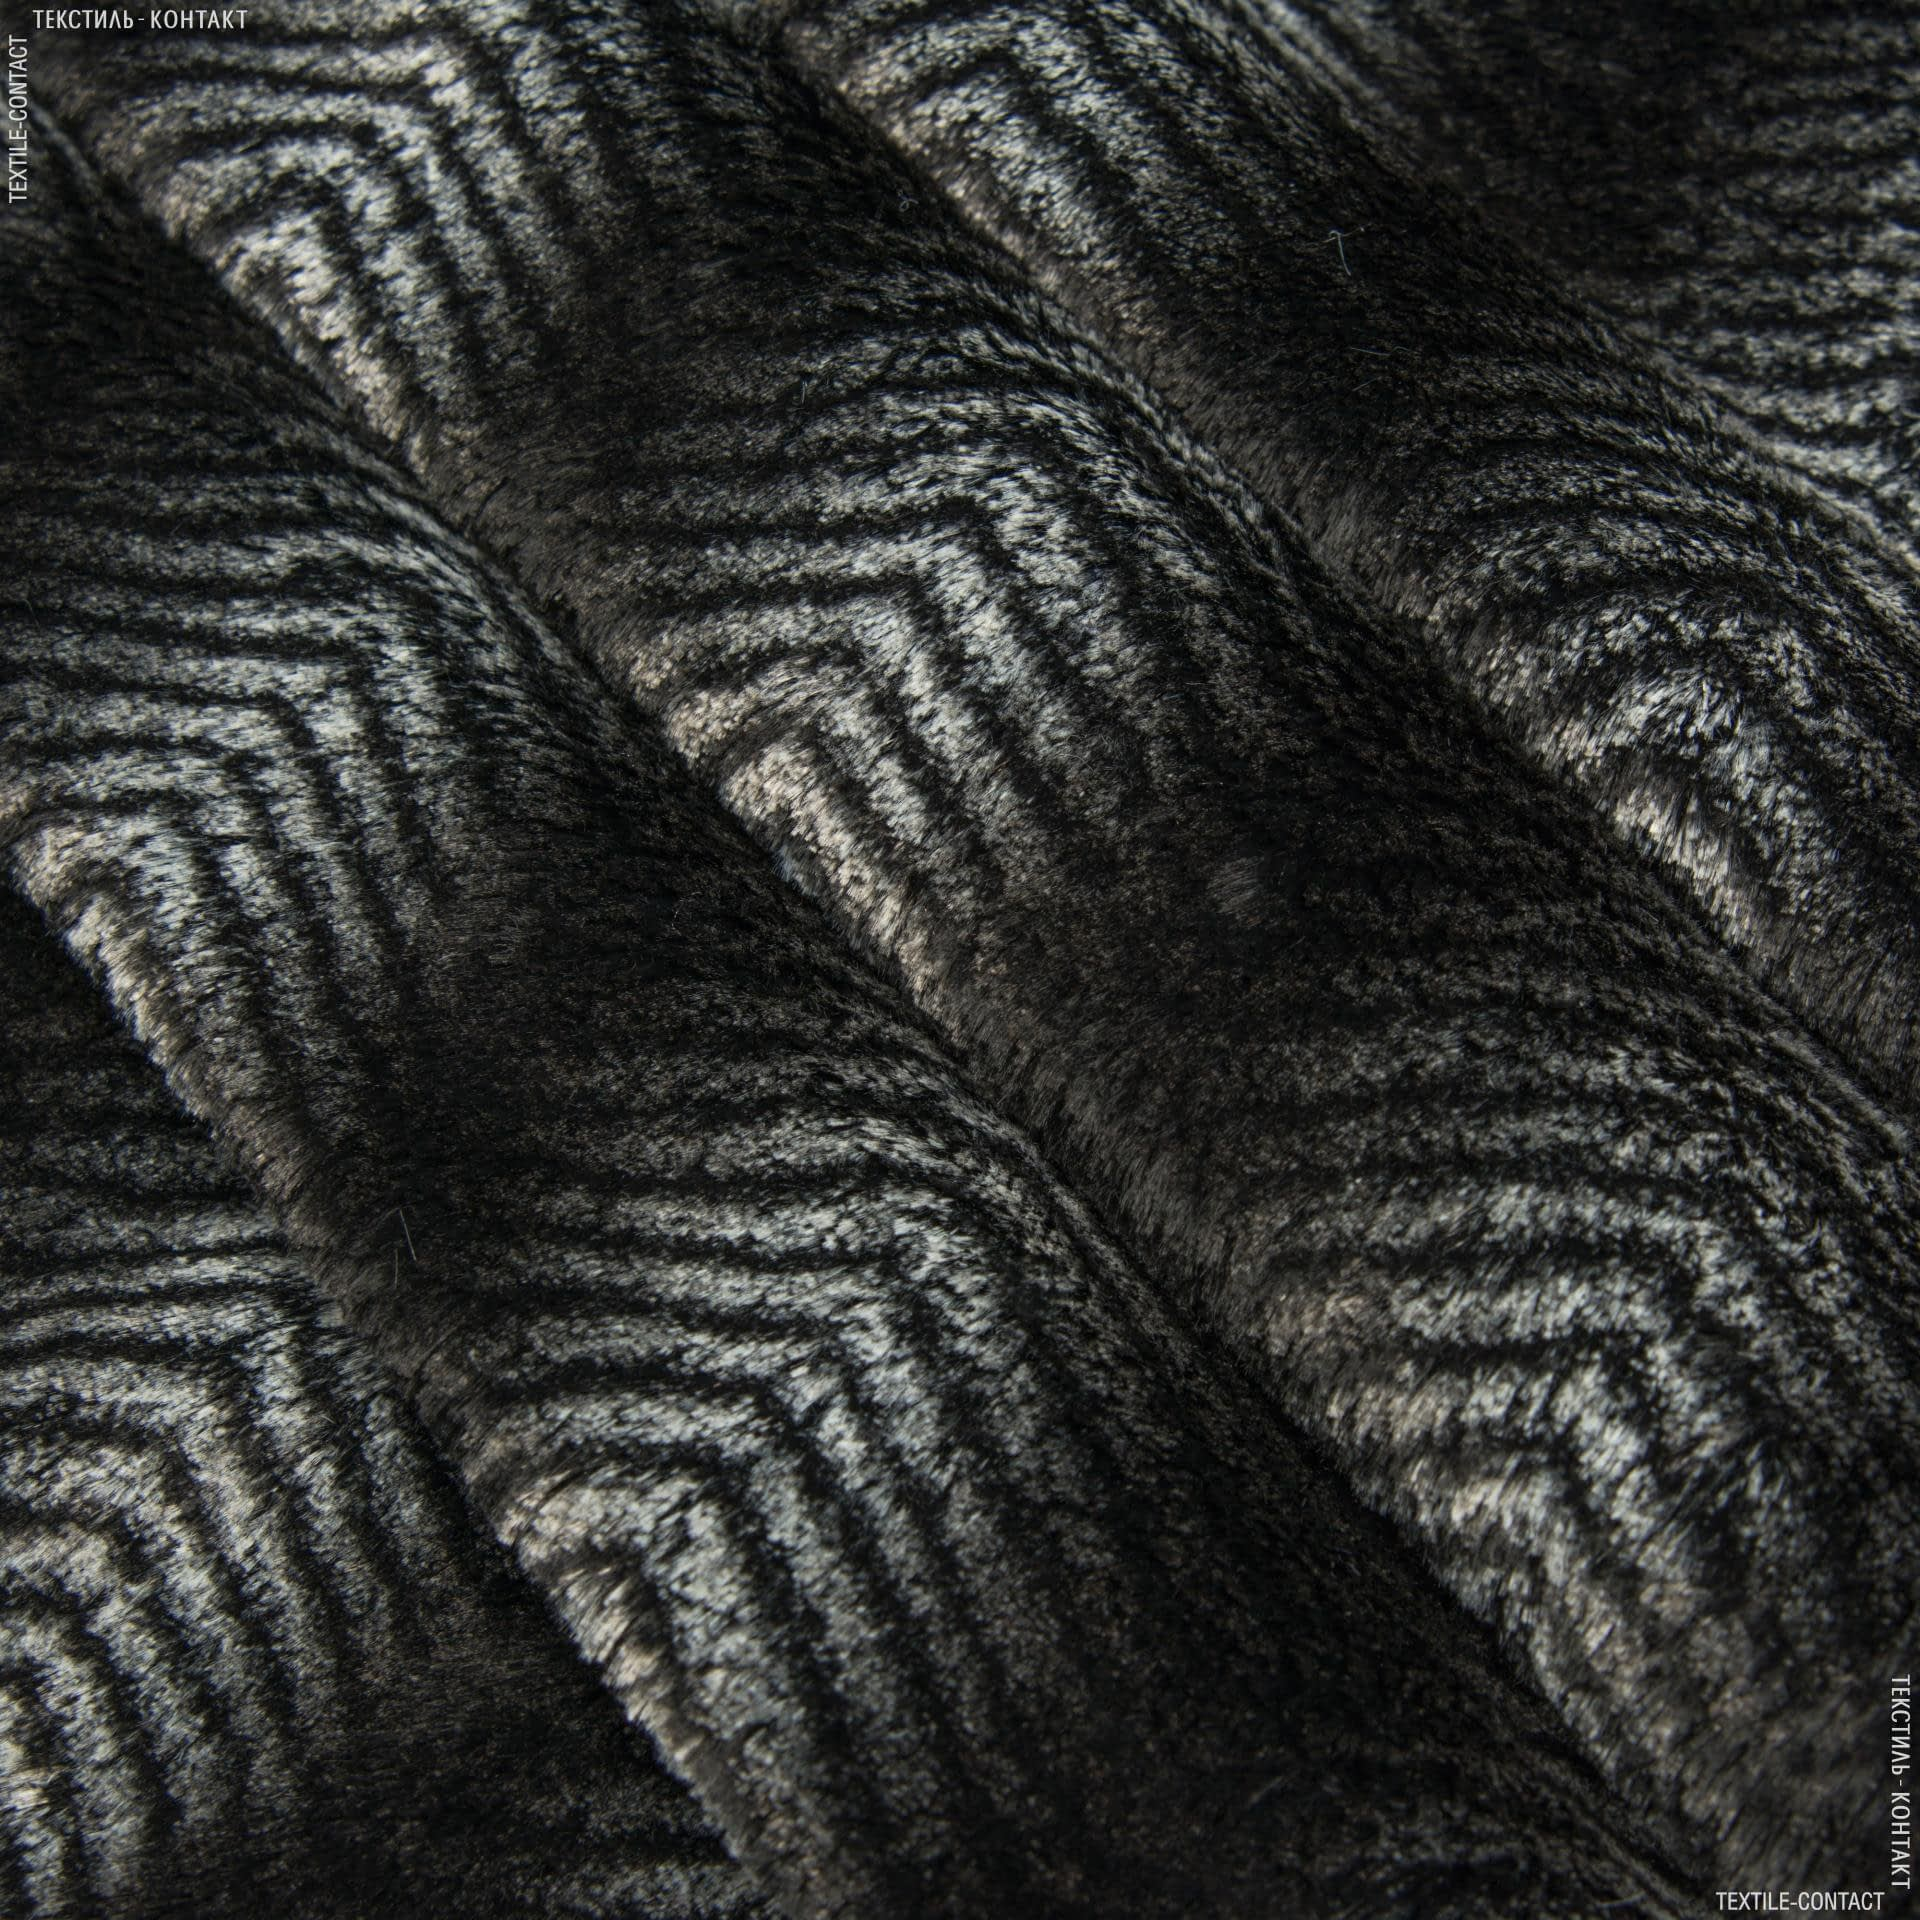 Тканини для верхнього одягу - Хутро штучне